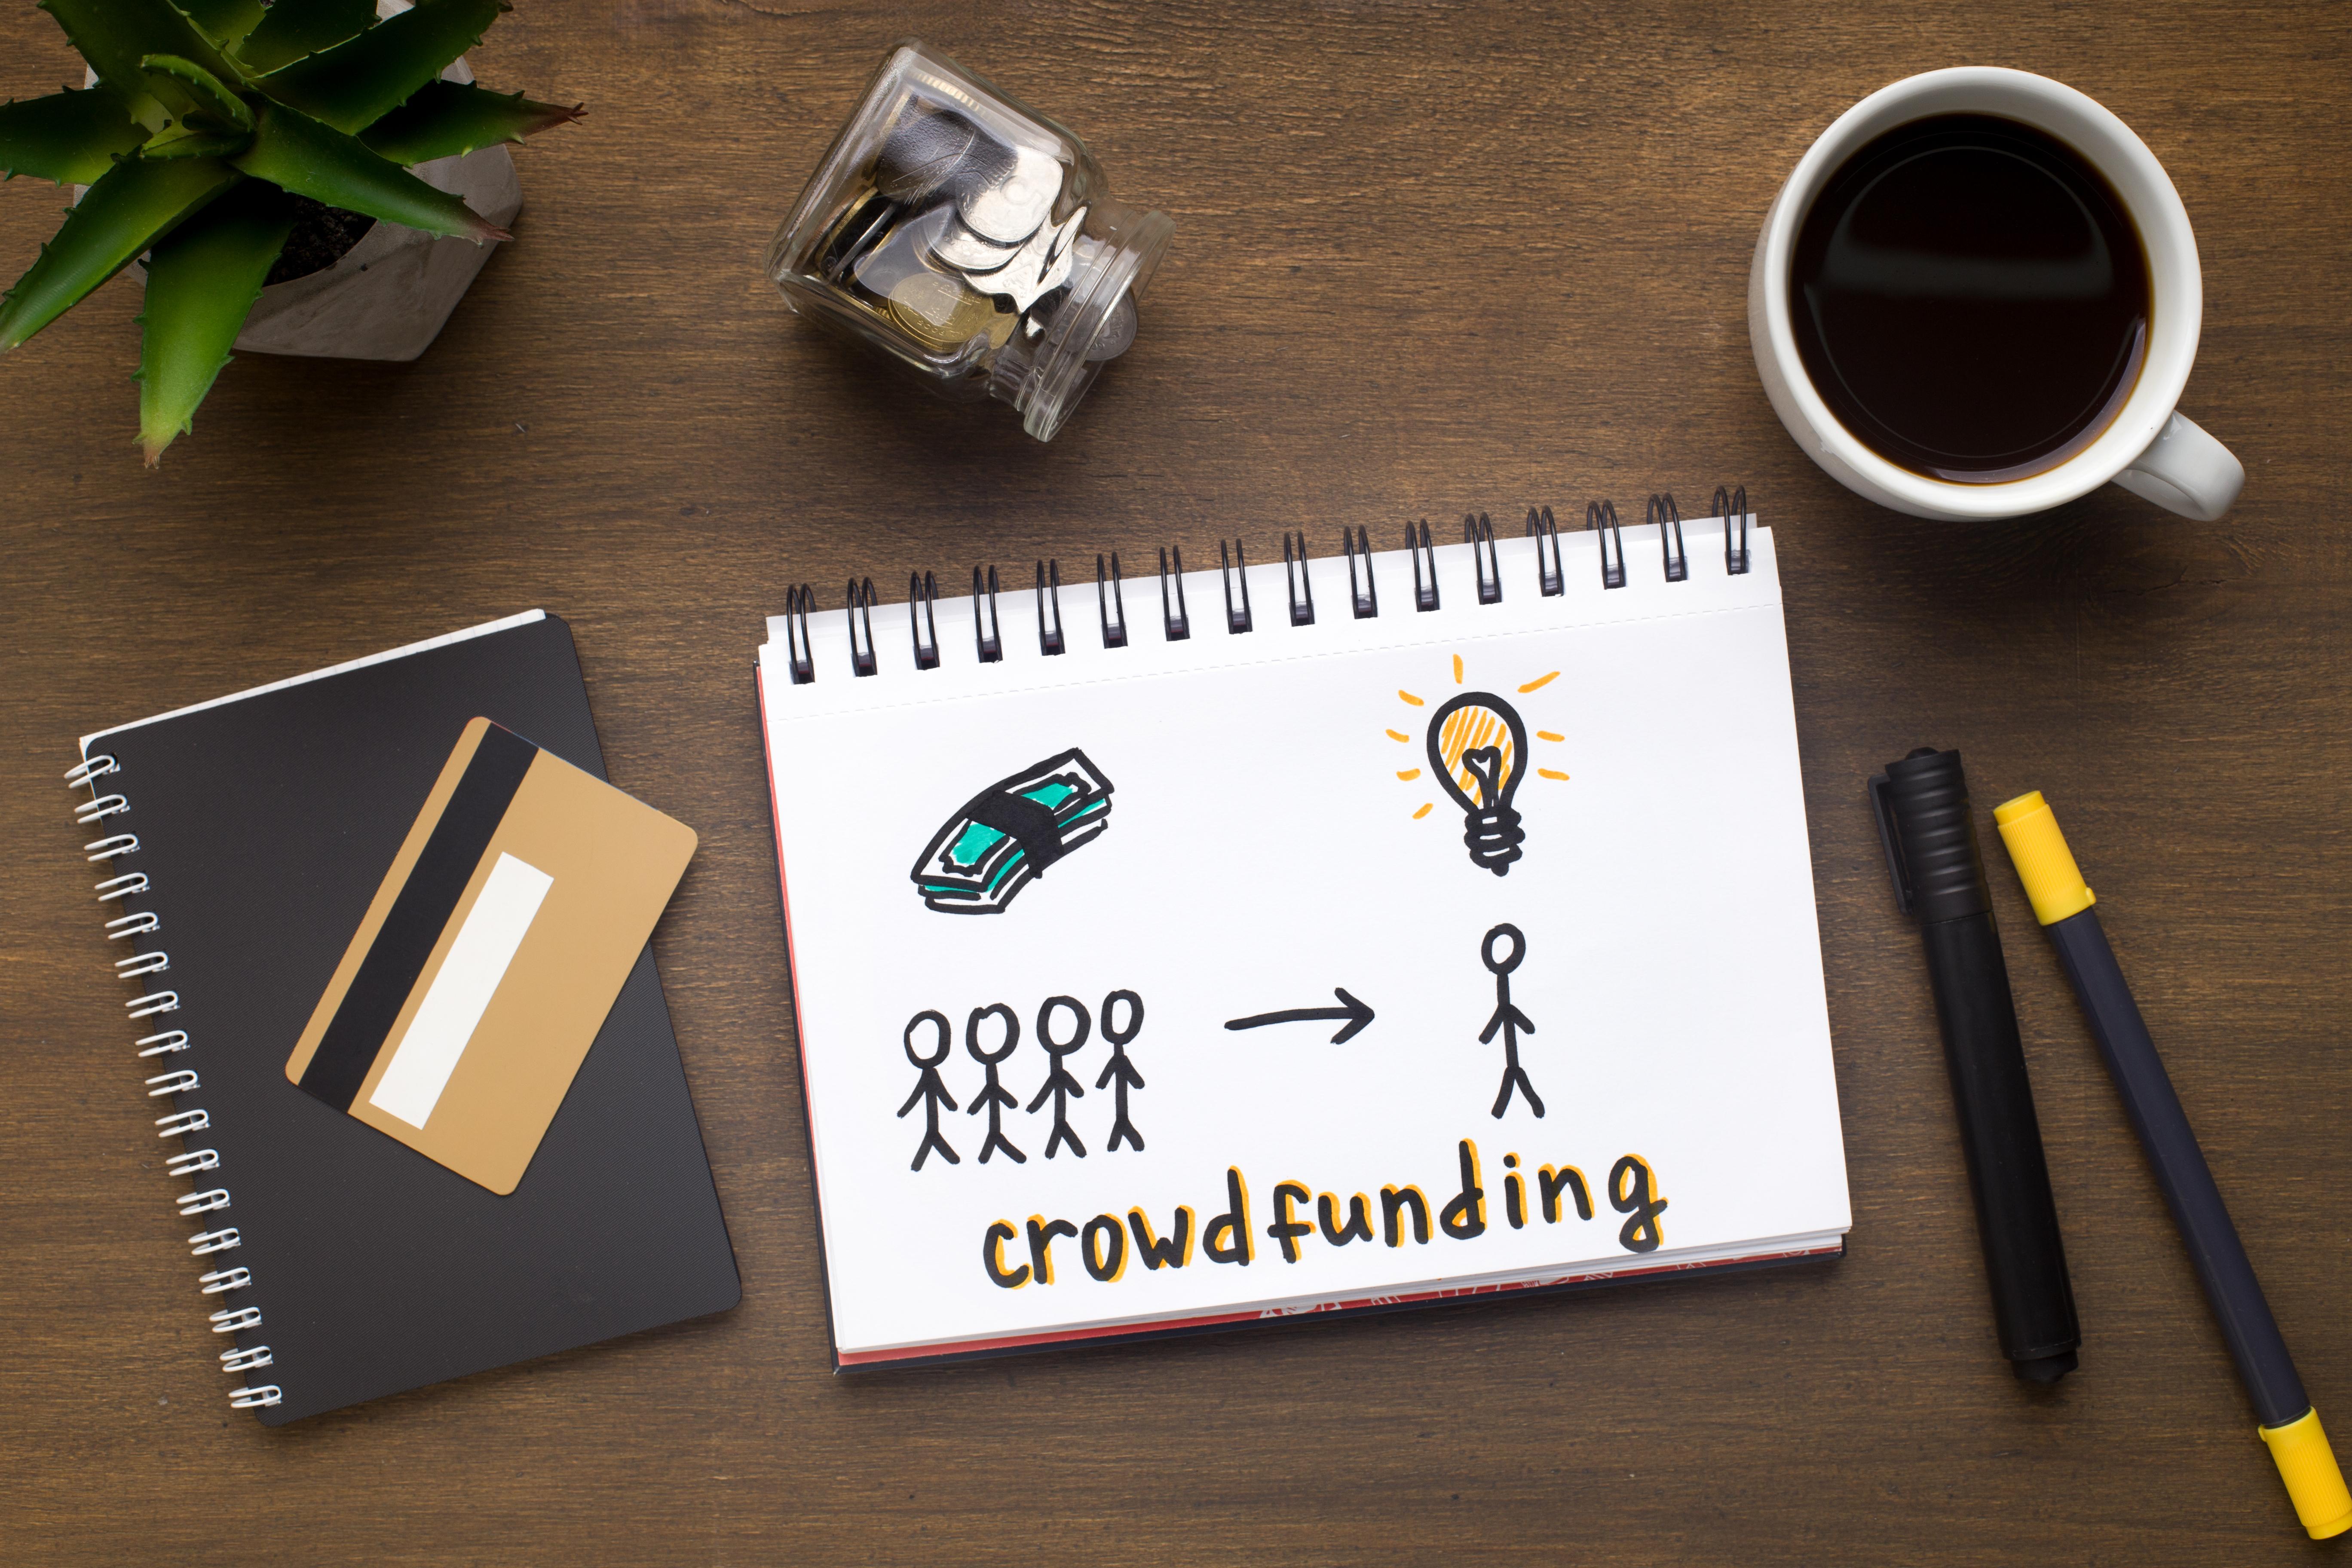 Le Crowdfunding n'attire plus autant les foules, pourquoi ?